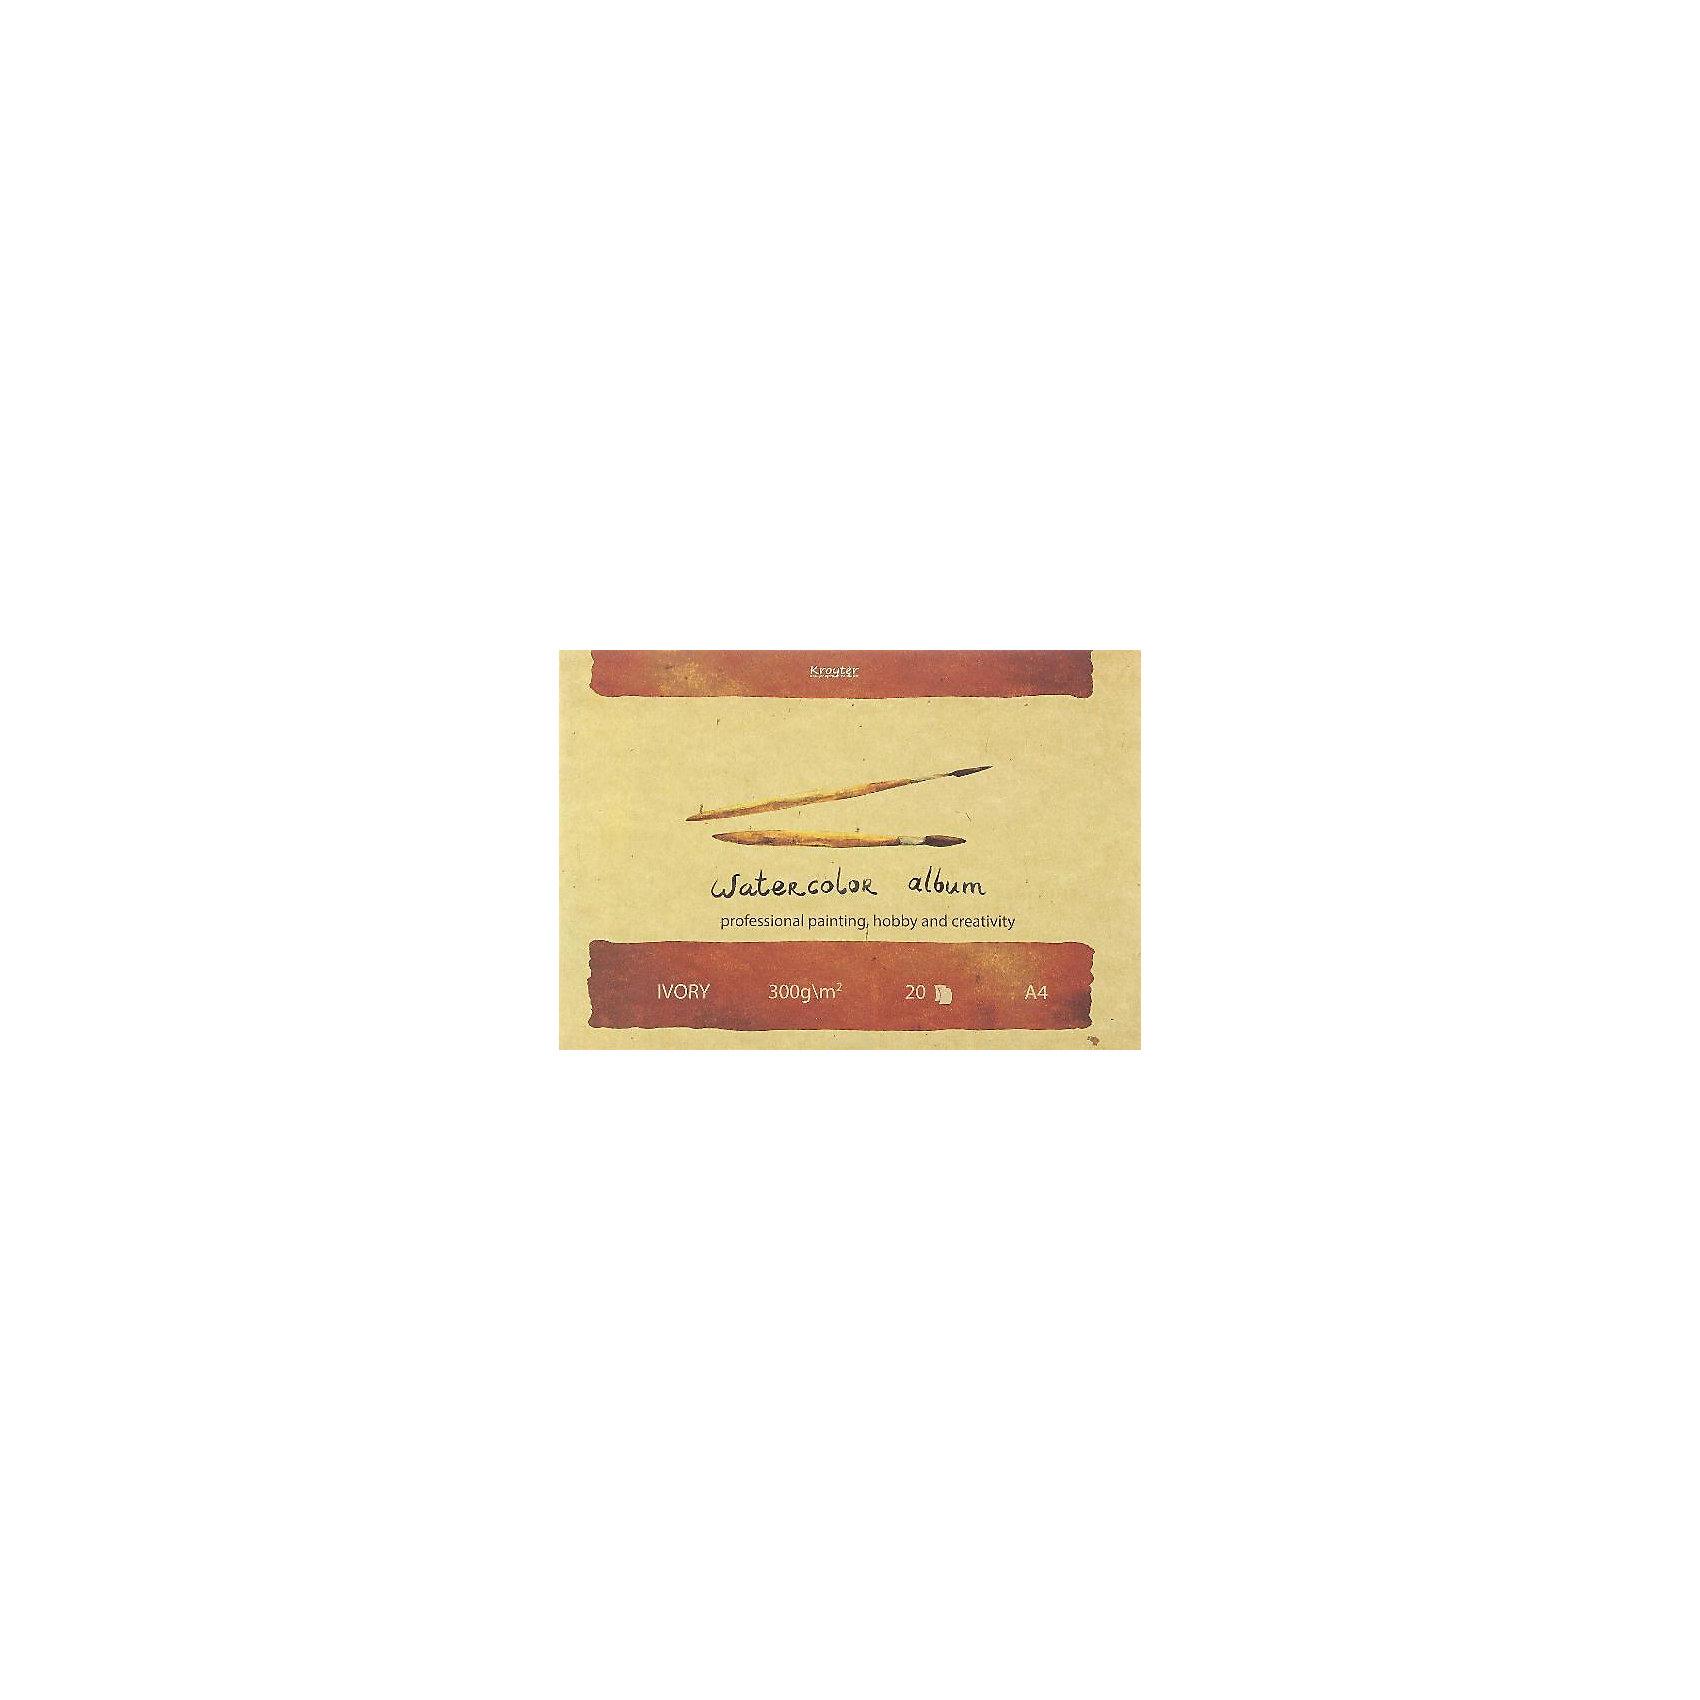 Альбом для акварели А4, 20л.Альбом для рисования акварелью А4 20 листов «Слоновая кость» на картонном планшете, склейка. Обложка высококачественный картон повышенной плотности 300 гр./м. Стильный, современный дизайн. Внутренний блок изготовлен из бумаги для водорастворимых красок, чисто целюлозной плотностью 300 гр./м., тон бумаги светло желтый «Слоновая кость» с мелким зерном. Предназначен для рисования всеми видами водорасстворимых красок.<br>Блок склеен таким образом, что позволяет изымать листы из него без разрушения блока. Подложка их твердого картона позволяет использовать альбом вне класса или дома.<br><br>Ширина мм: 300<br>Глубина мм: 10<br>Высота мм: 210<br>Вес г: 425<br>Возраст от месяцев: 24<br>Возраст до месяцев: 420<br>Пол: Унисекс<br>Возраст: Детский<br>SKU: 5009250